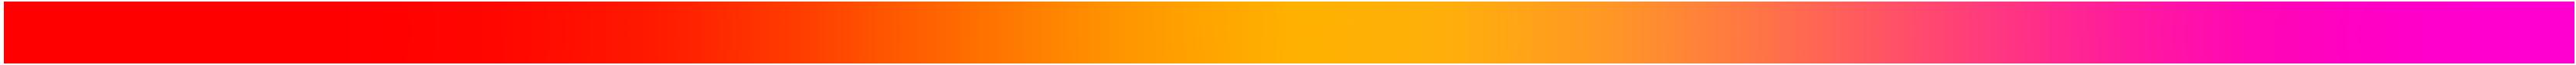 """限量""""晚鸟""""倒计时三天! 限量 倒计时 画廊 名单 AIKE 上海 艾米 李画廊 北京 Anna 崇真艺客"""